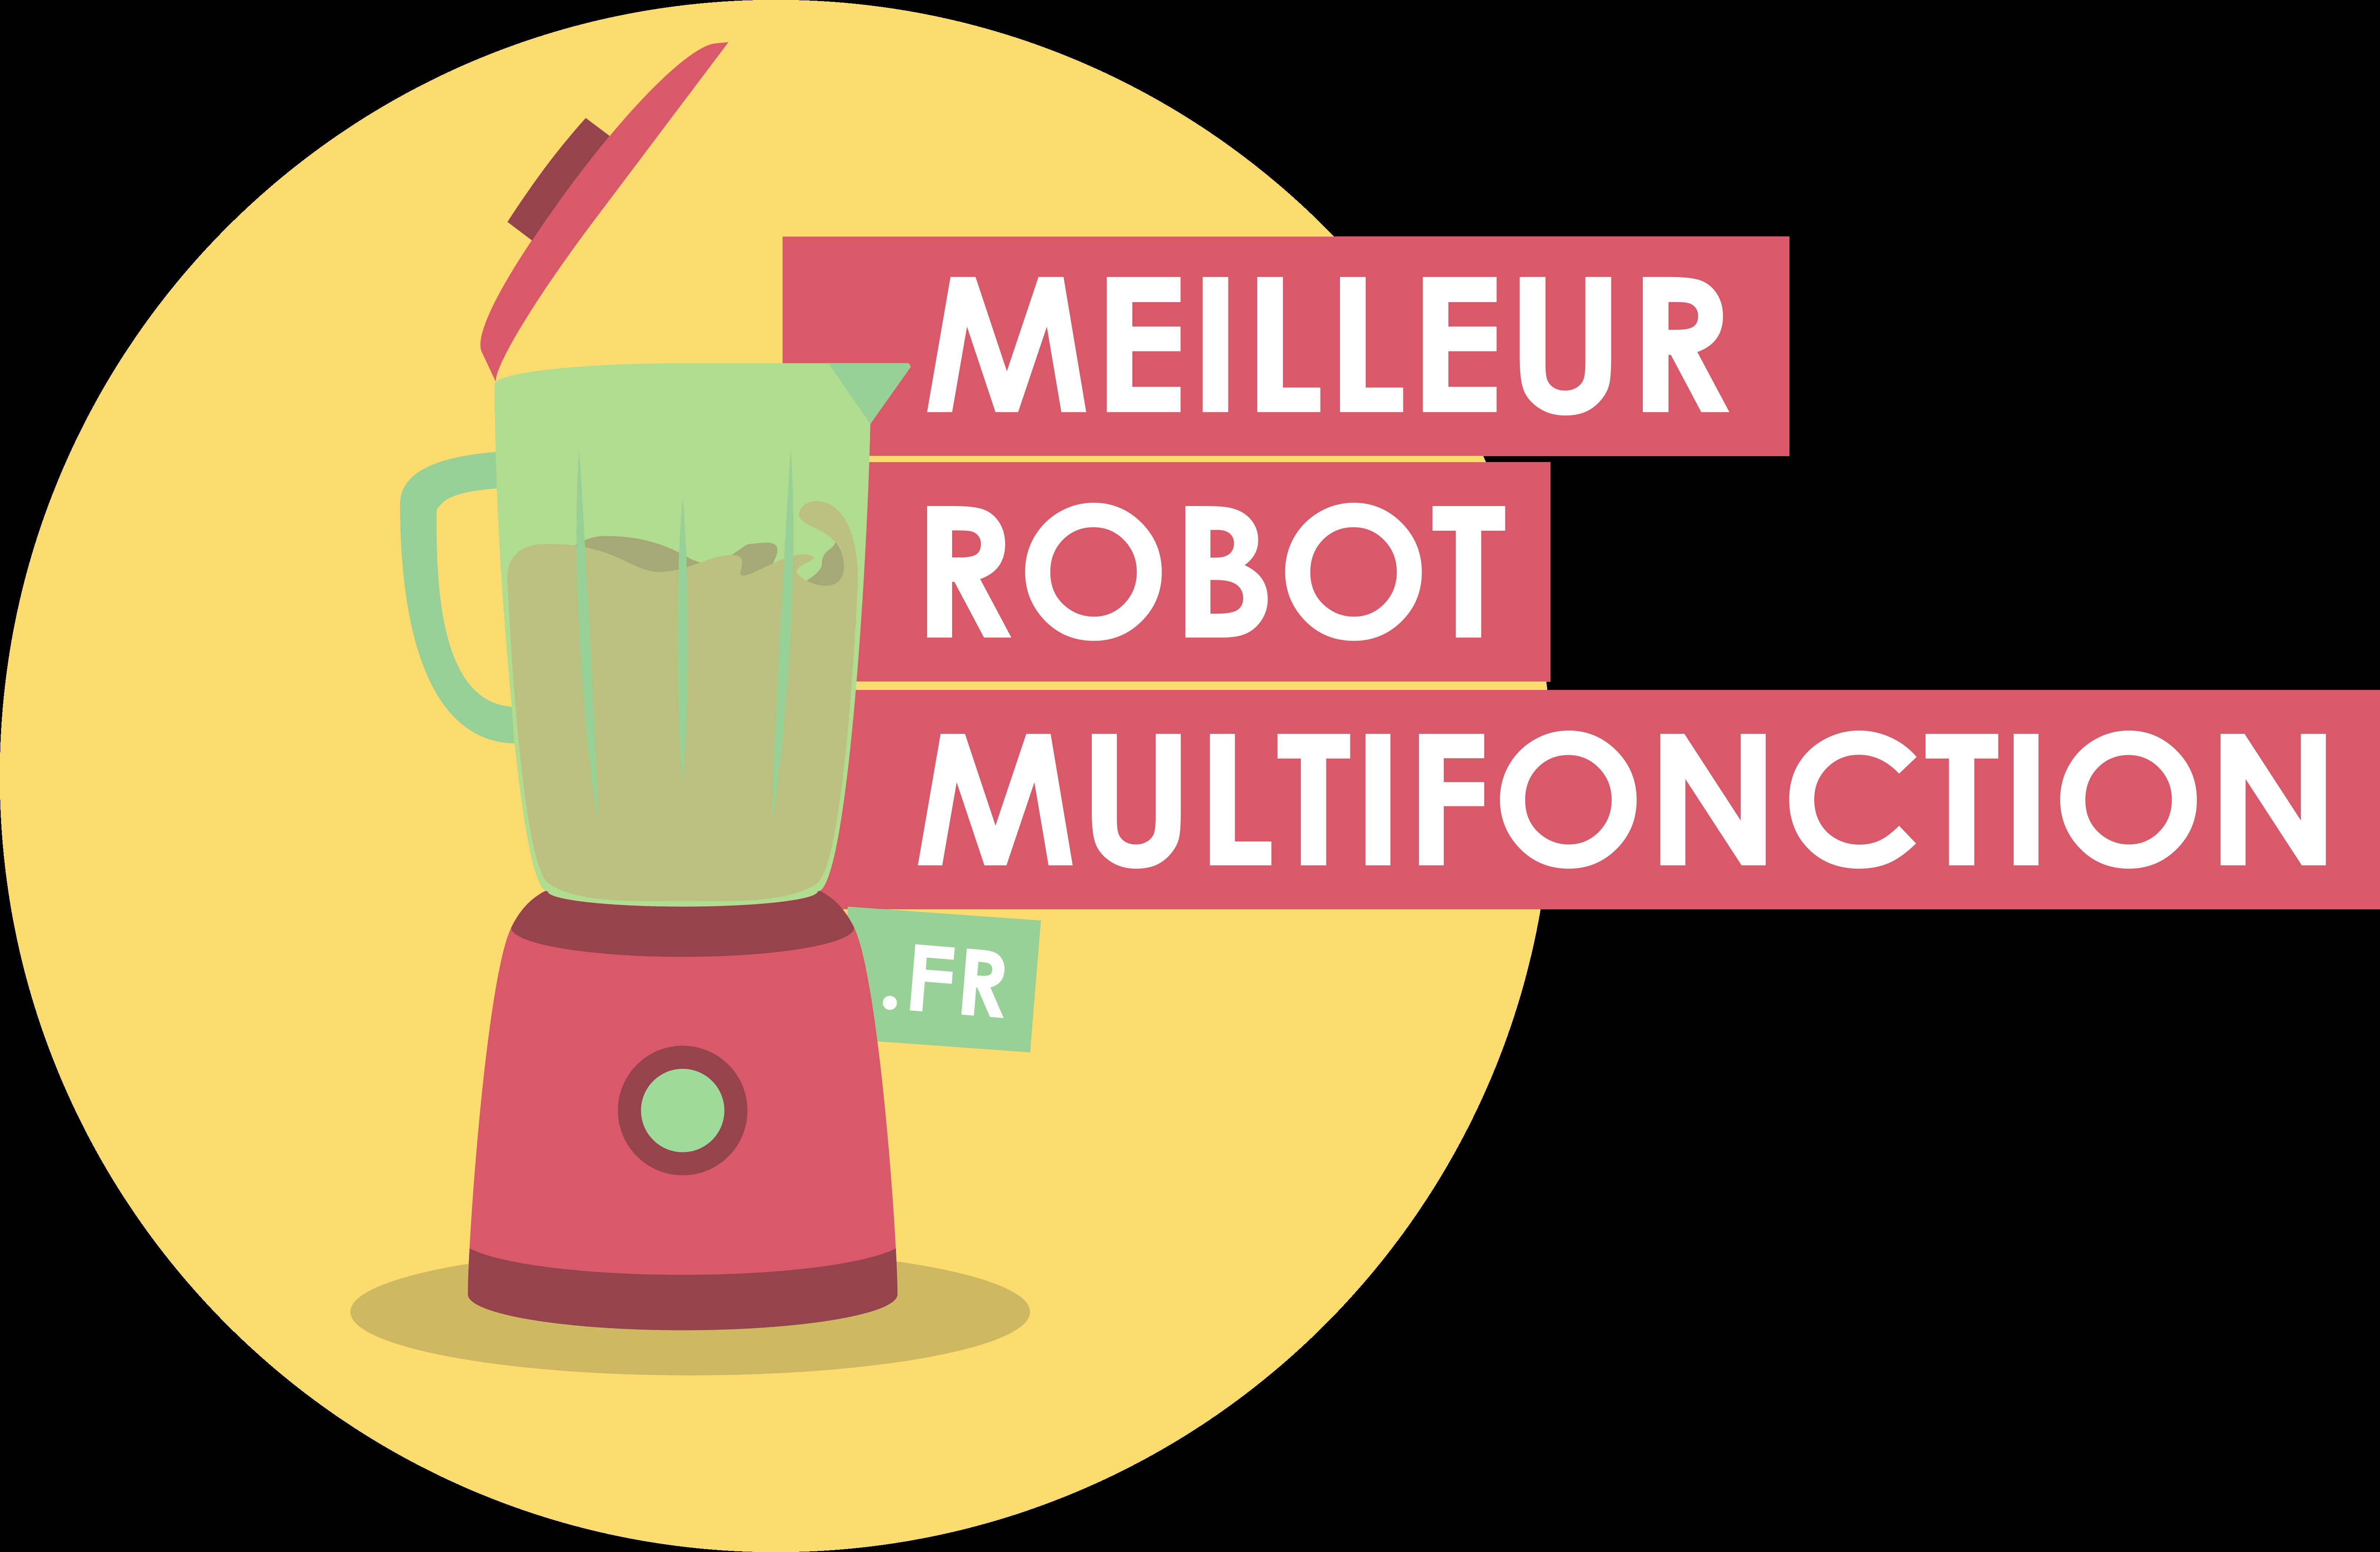 Meilleurs robots multifonctions 2018